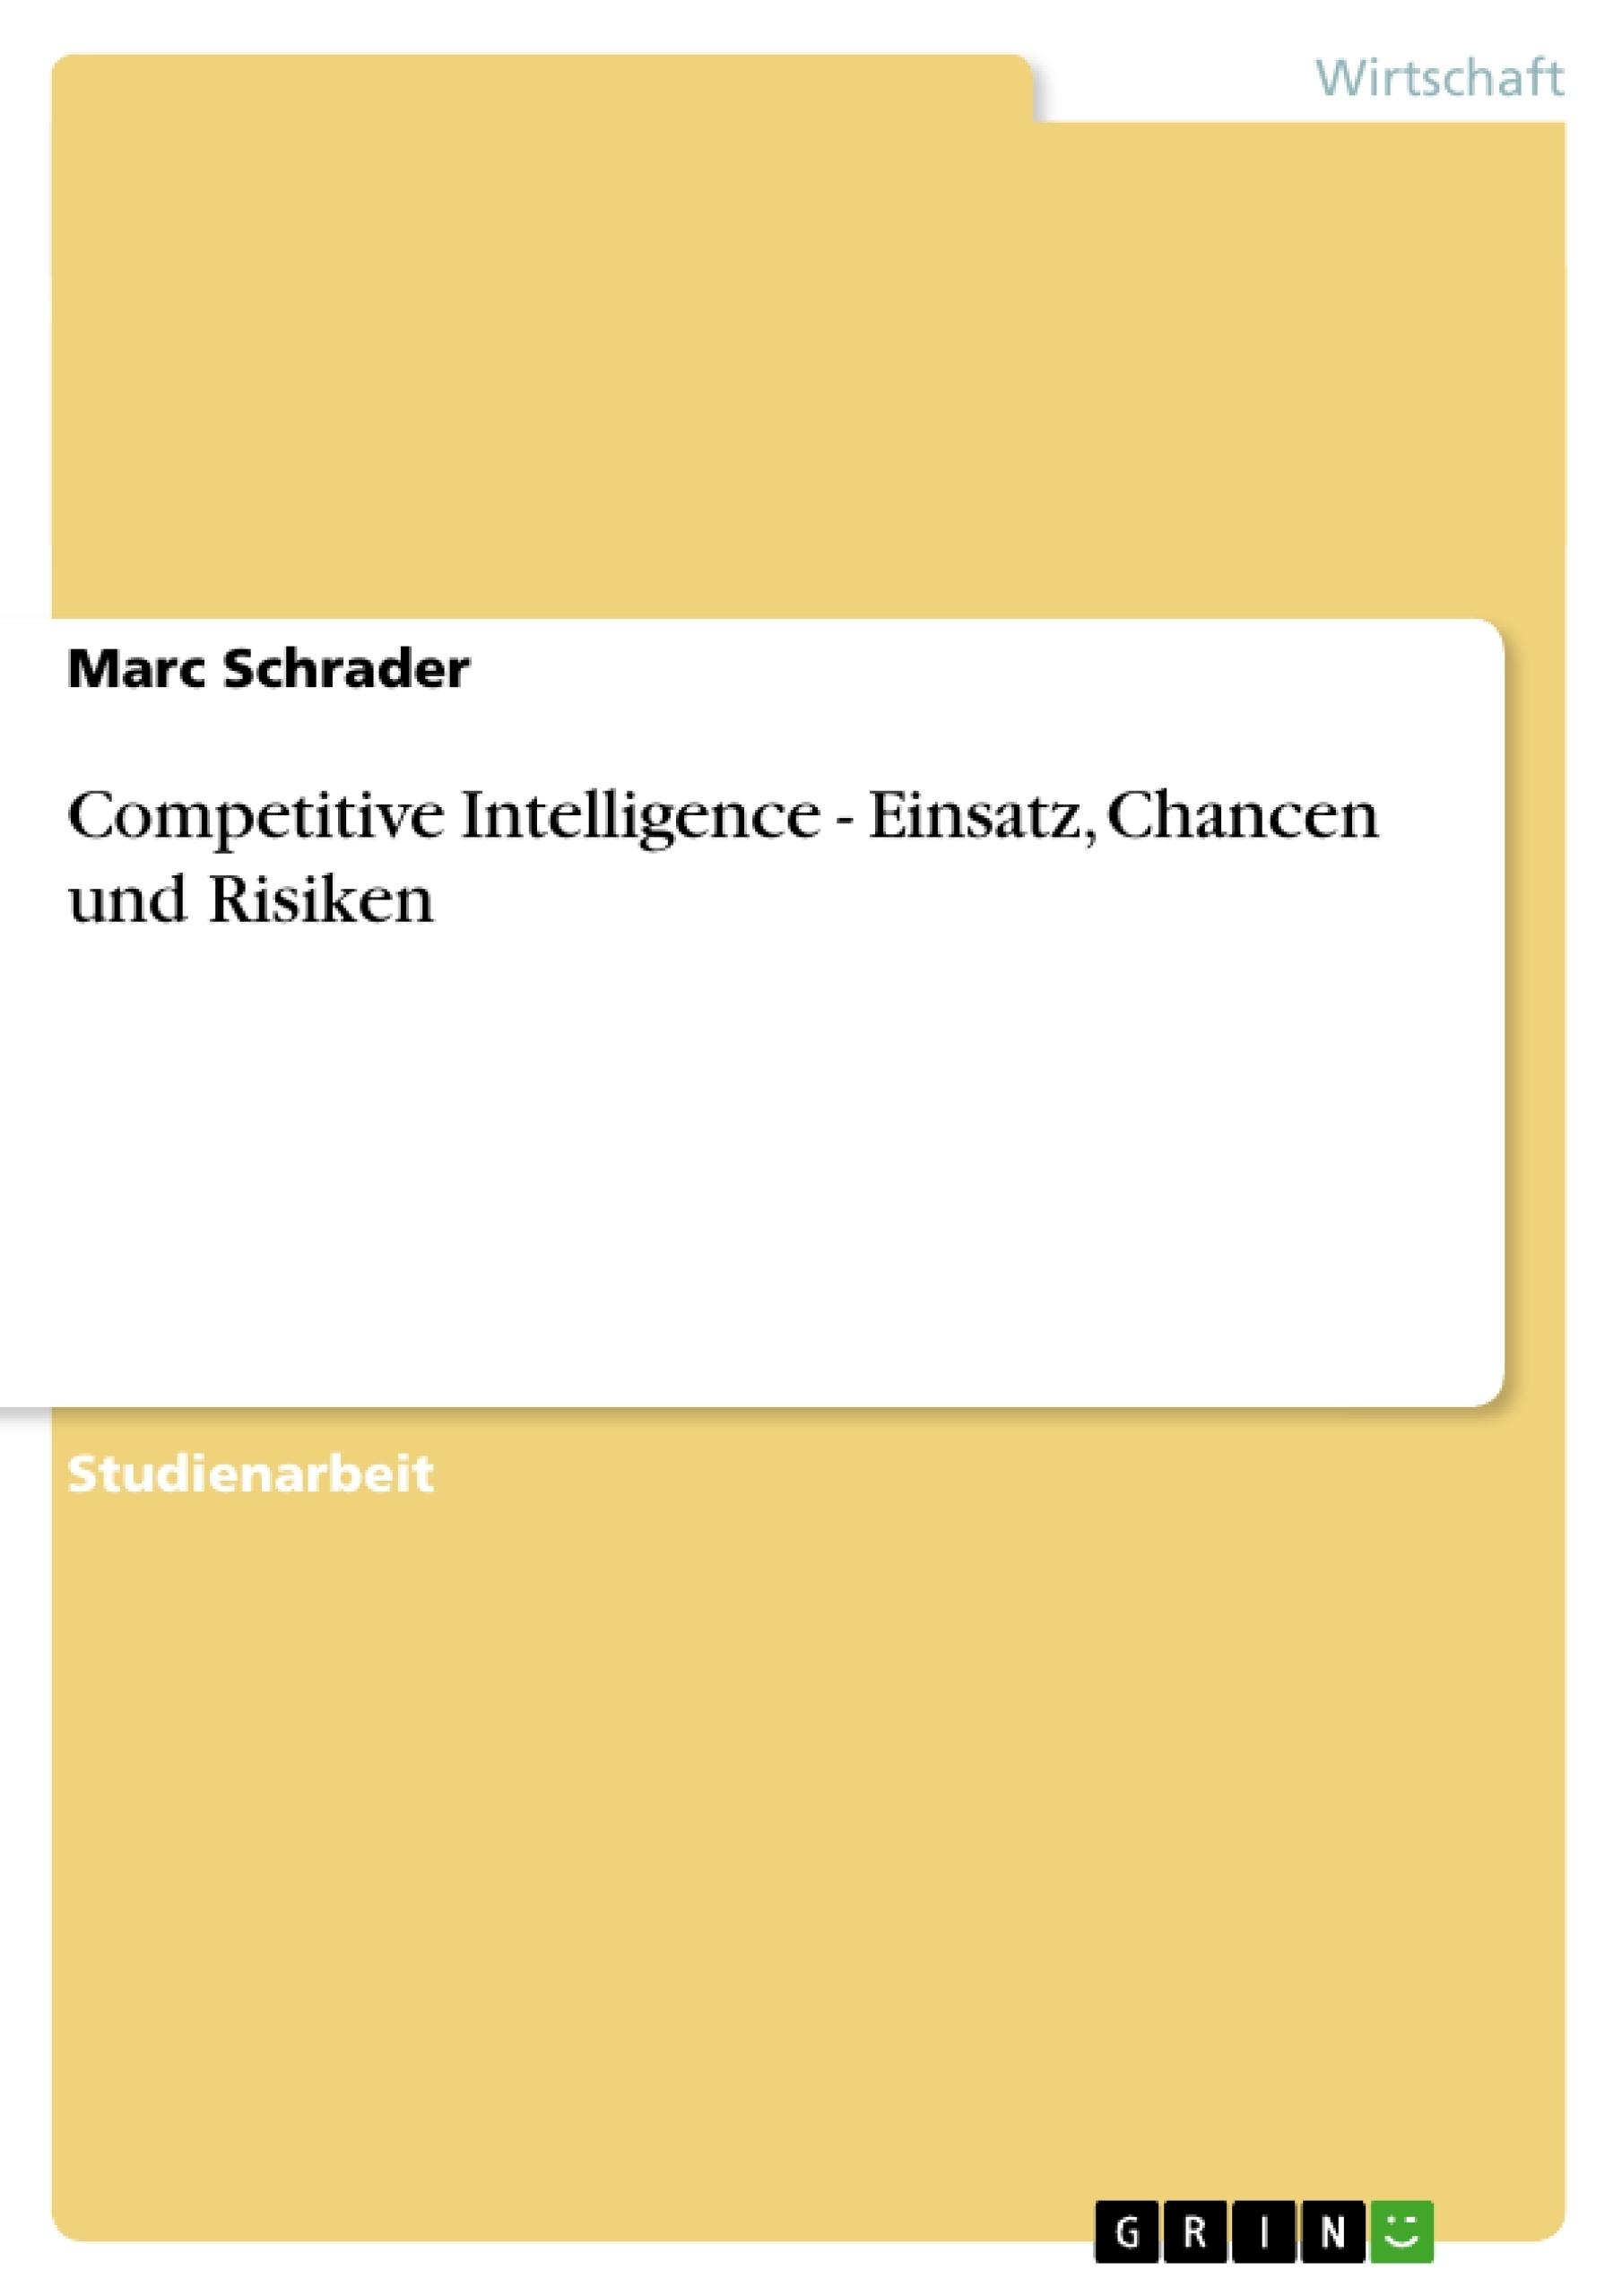 Titel: Competitive Intelligence - Einsatz, Chancen und Risiken